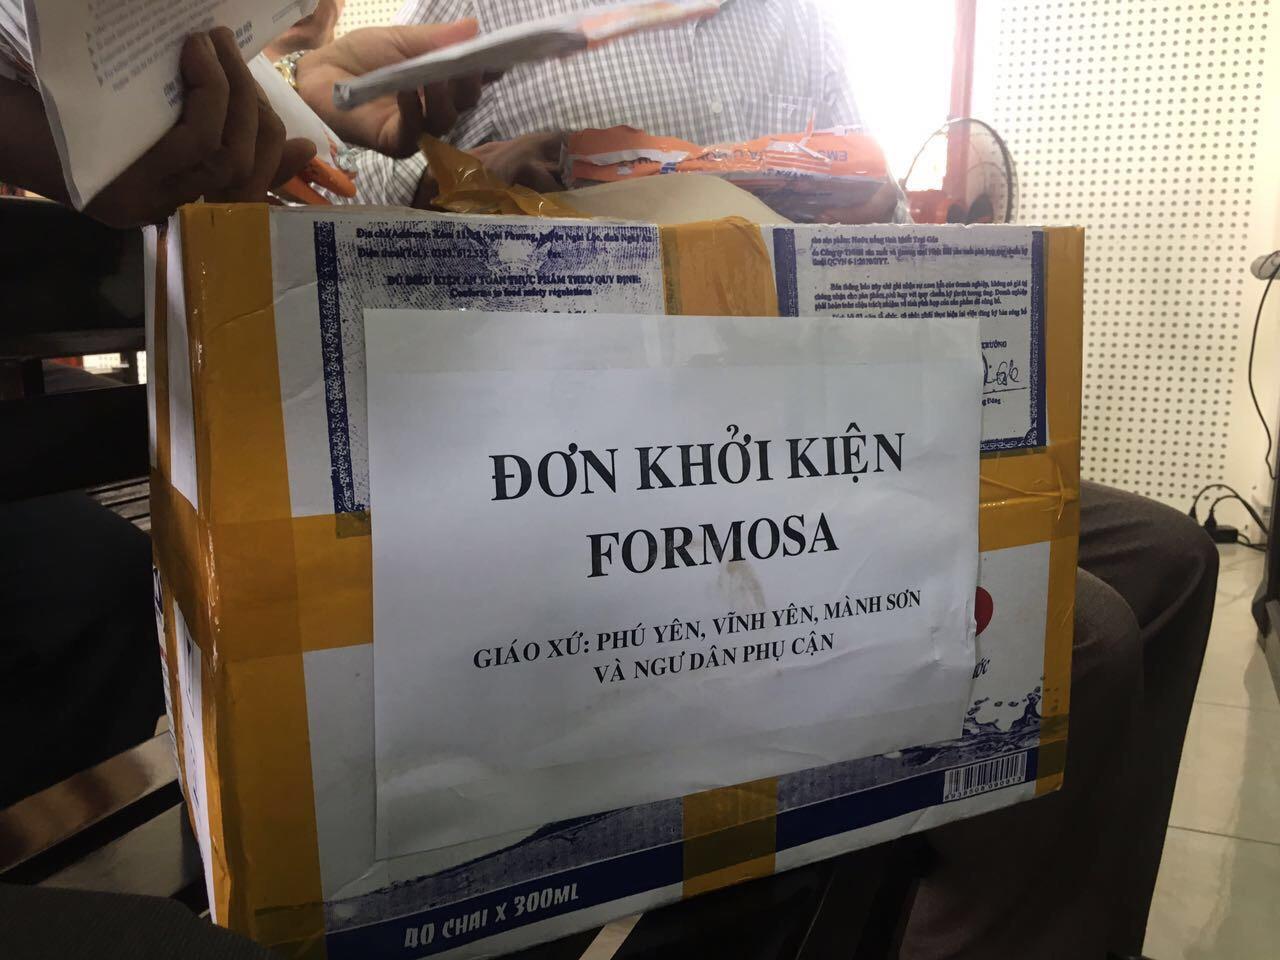 Ngư dân huyện Quỳnh Lưu, Nghệ An tiếp tục khởi kiện Formosa